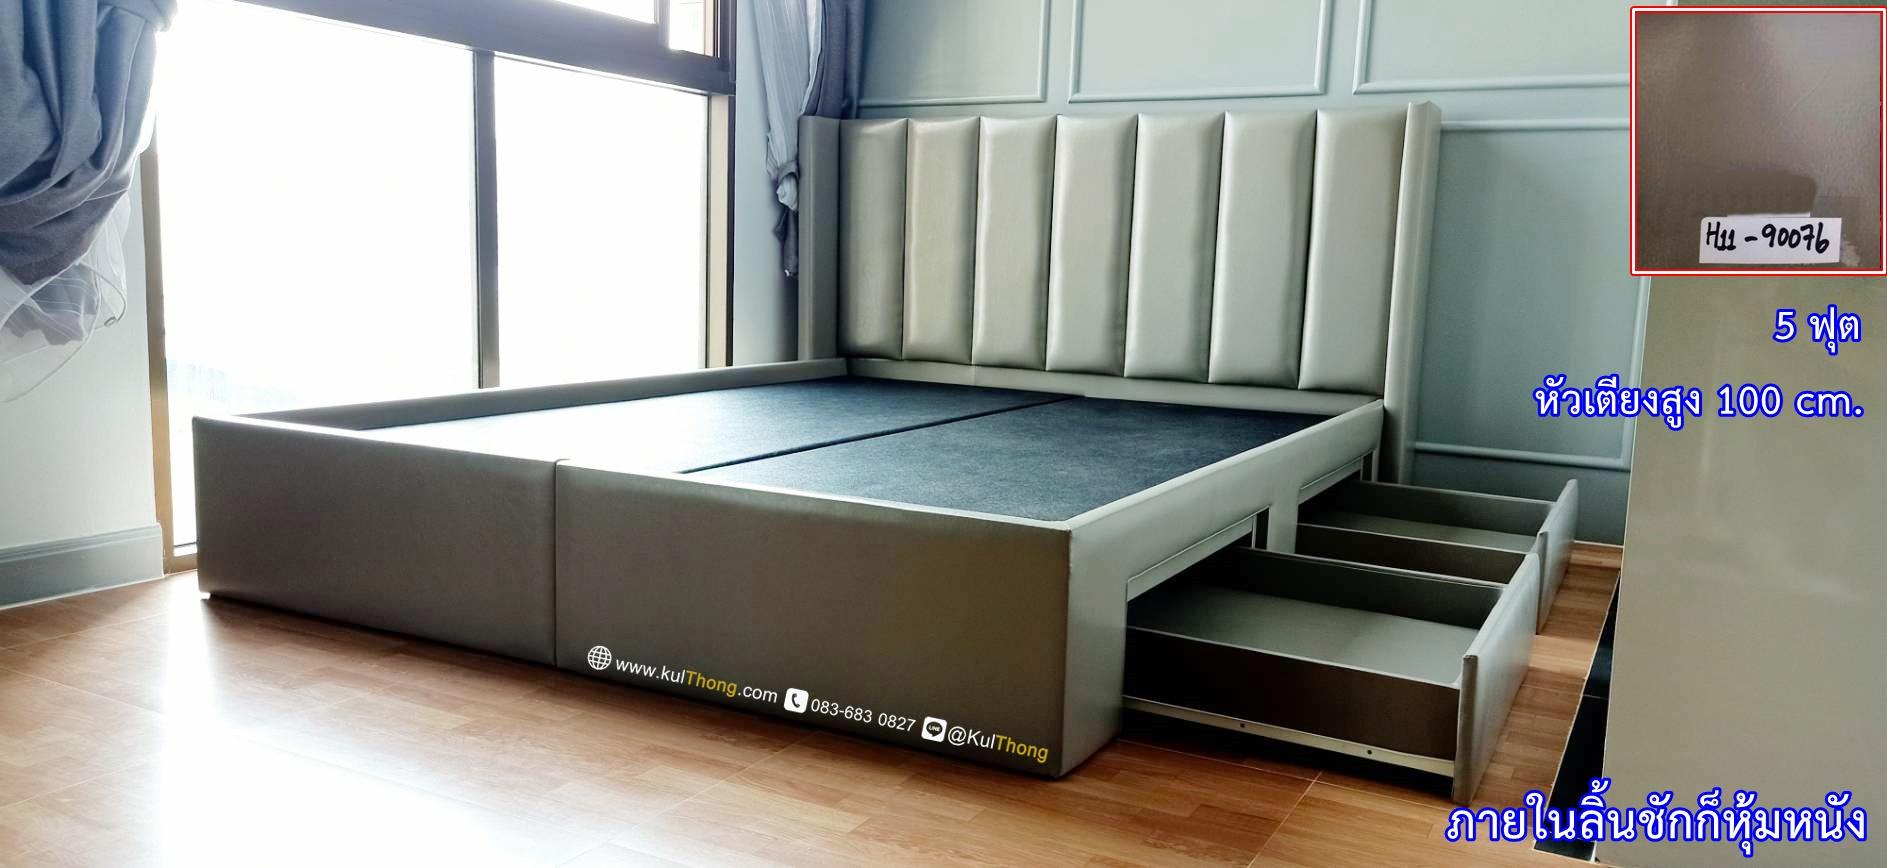 เตียงนอนสั่งทำ เตียงลิ้นชักหุ้มหนัง ฐานเตียงมีลิ้นชัก